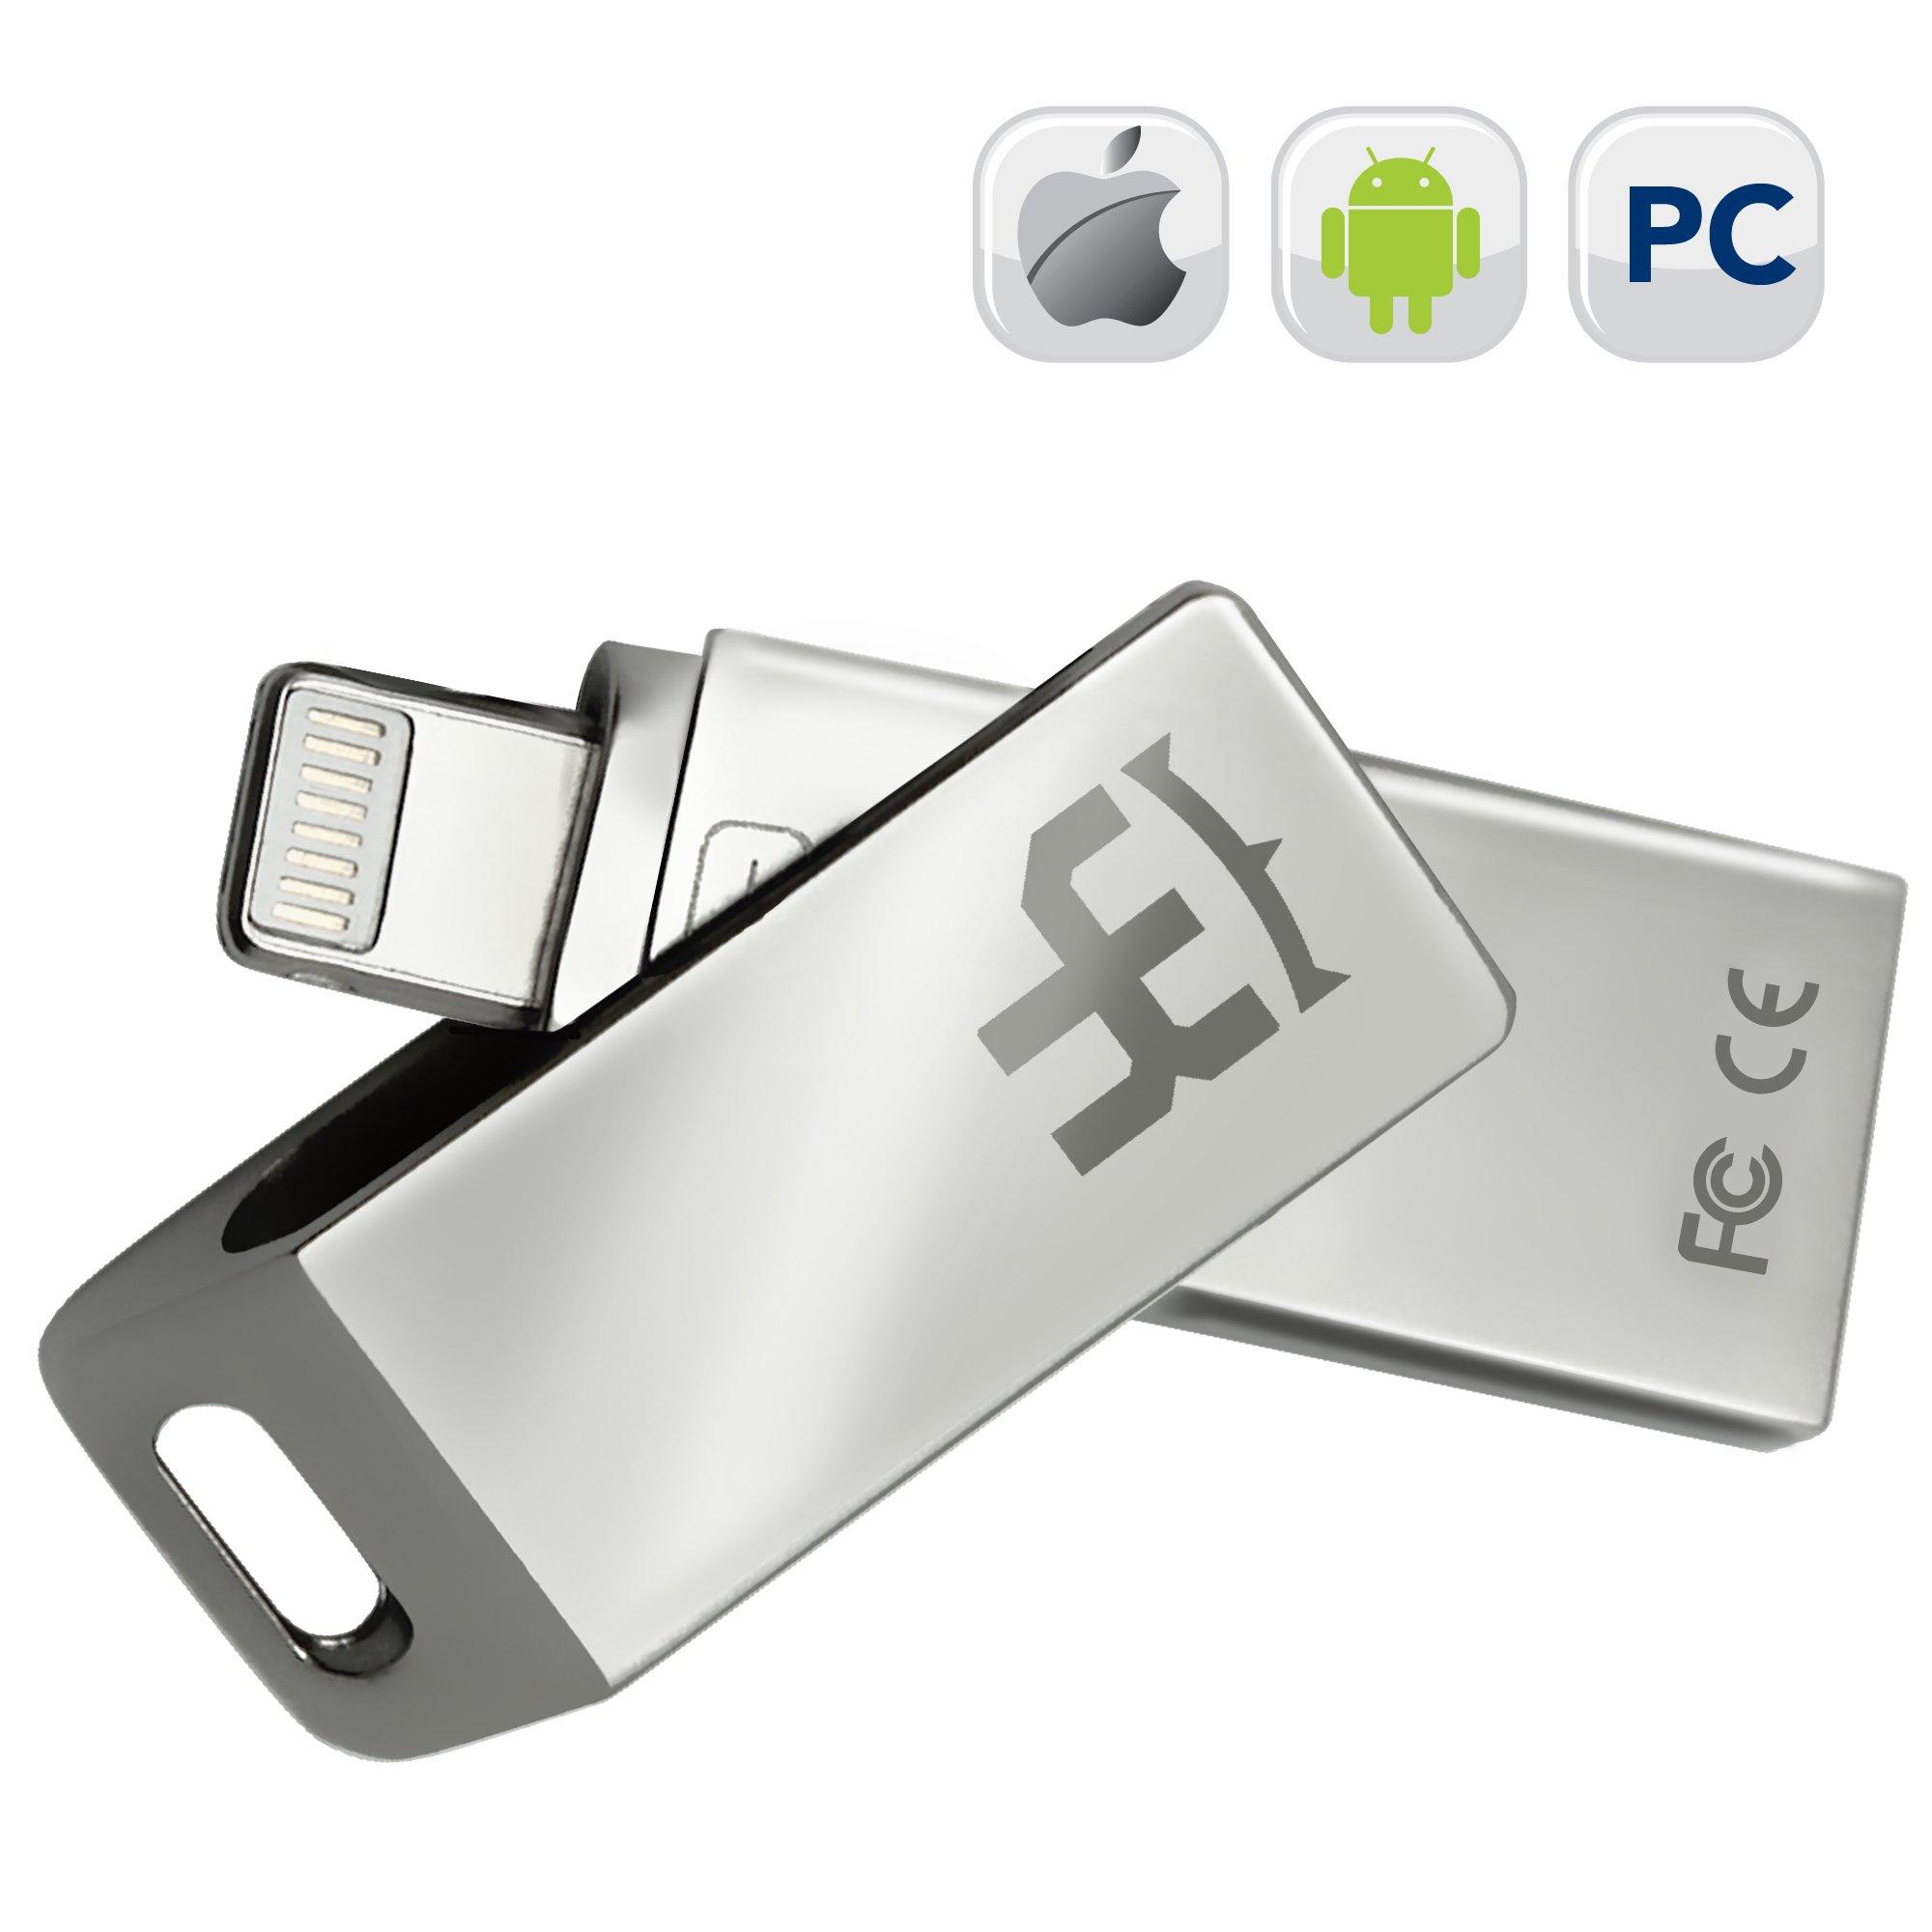 IOS Flash Drive IPhone YKing 3 in 1 - 256Gb - Flash Drive for Android-IPhone Flash Drive-IPad Flash Drive-Micro USB Flash Drive-IPhone USB Flash Drive-IPhone Lightning Flash Drive-Android Flash Drive